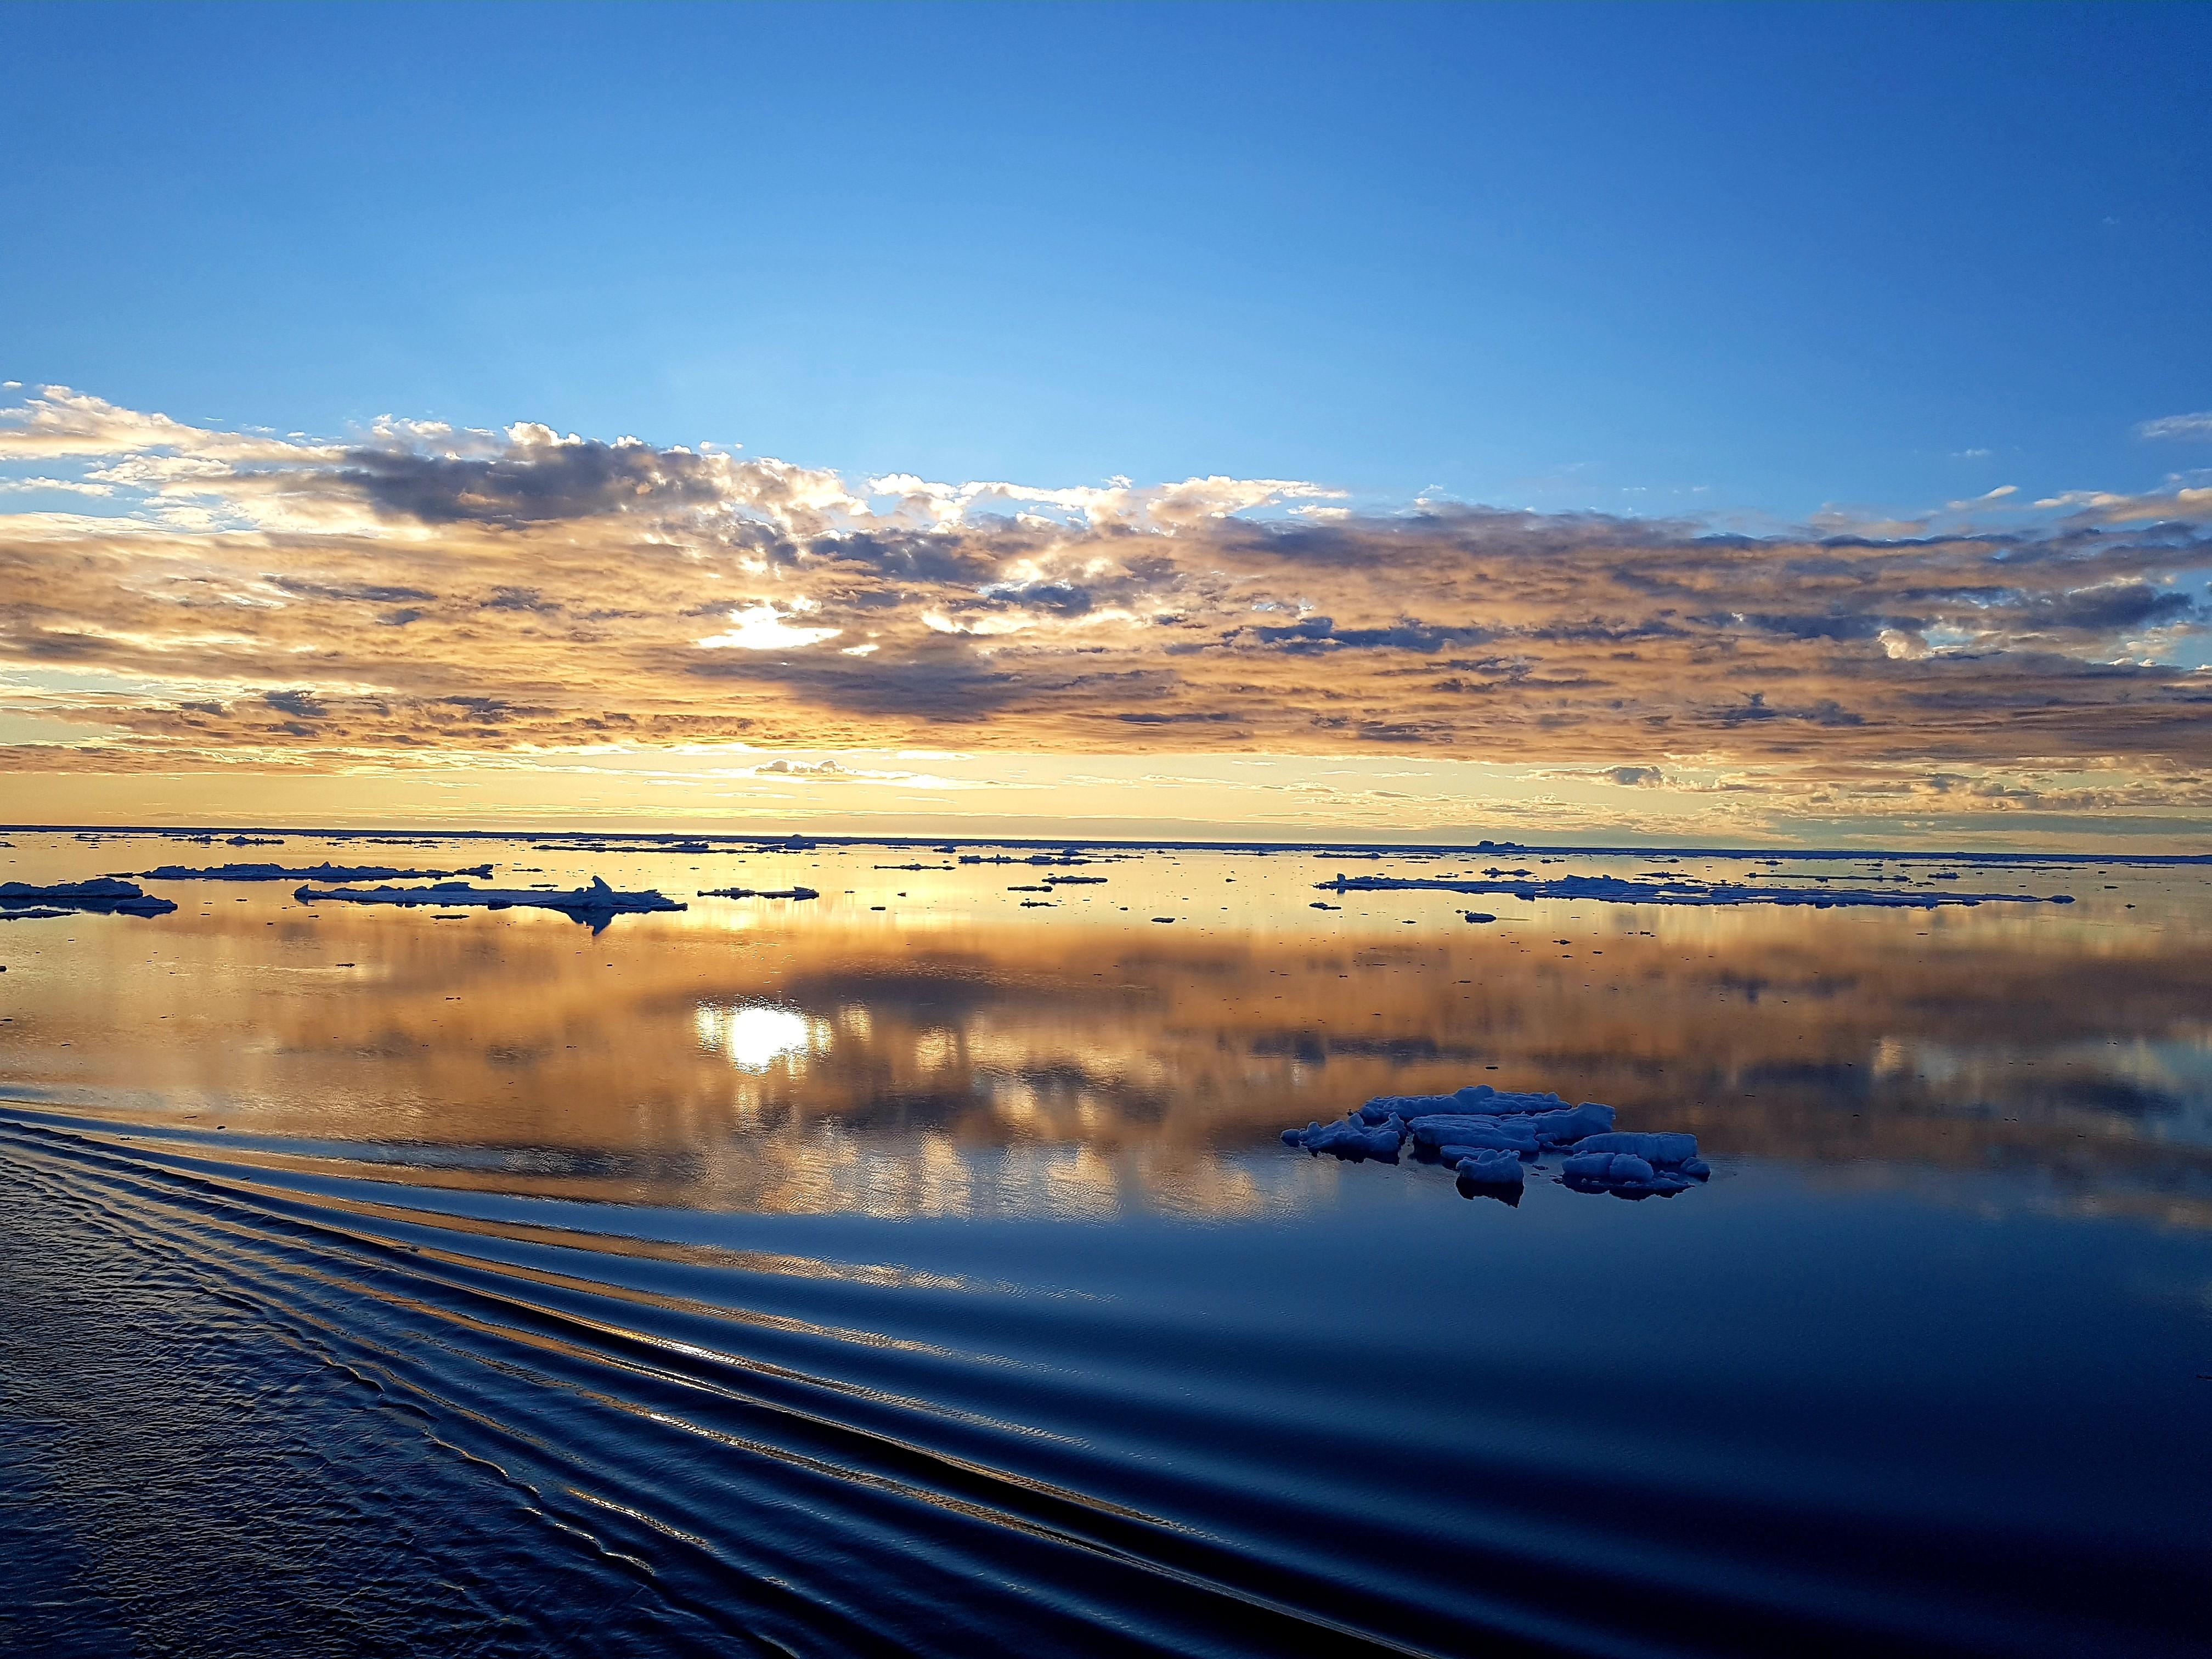 voyage océan rivière coucher de soleil